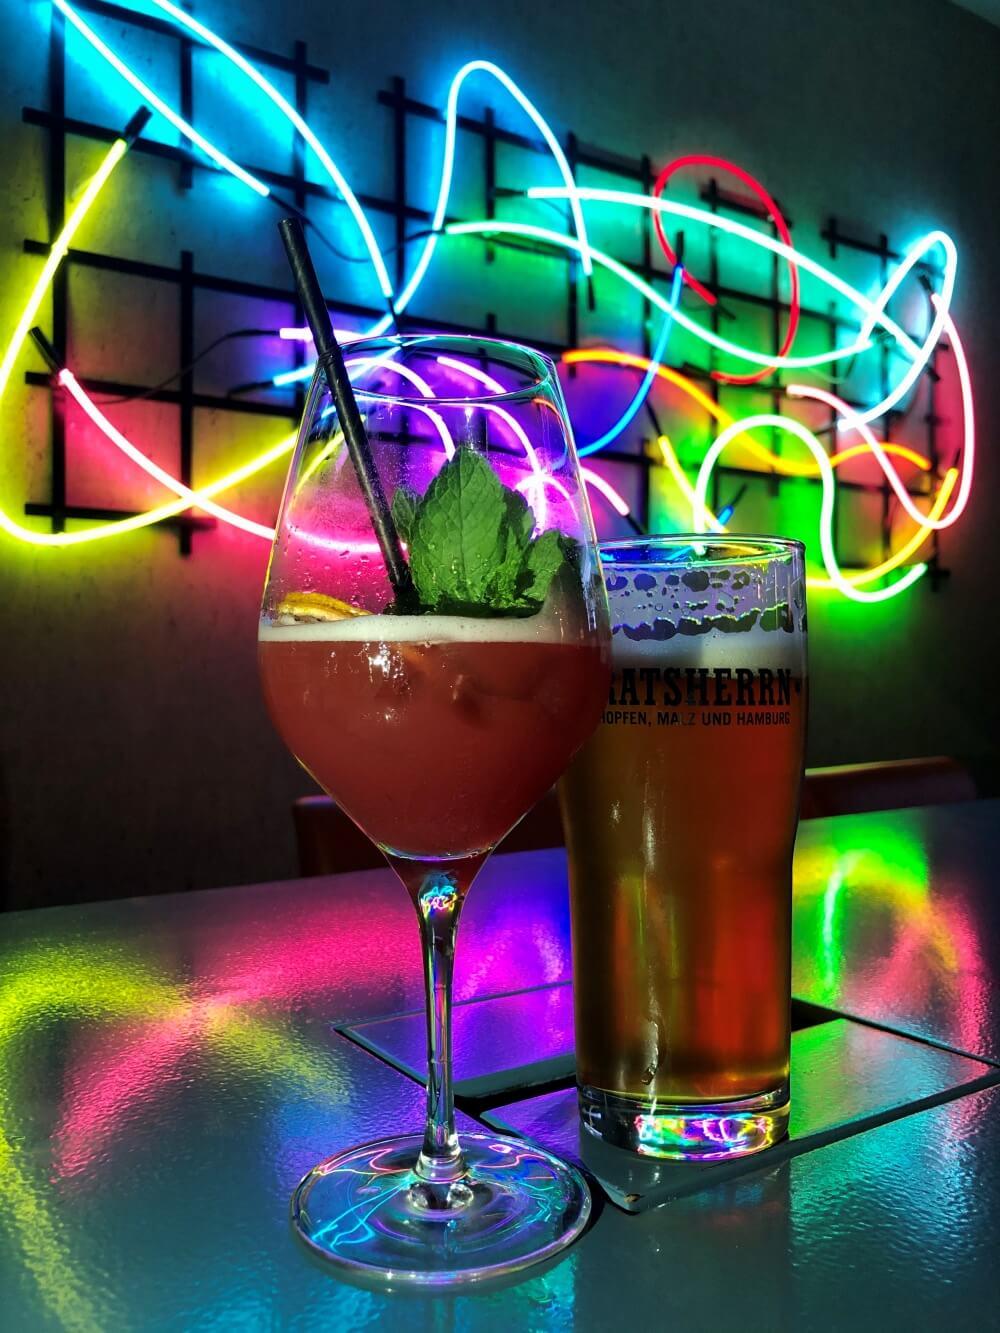 Cocktail und Bier vor bunt leuchtender Wand in Hotelbar